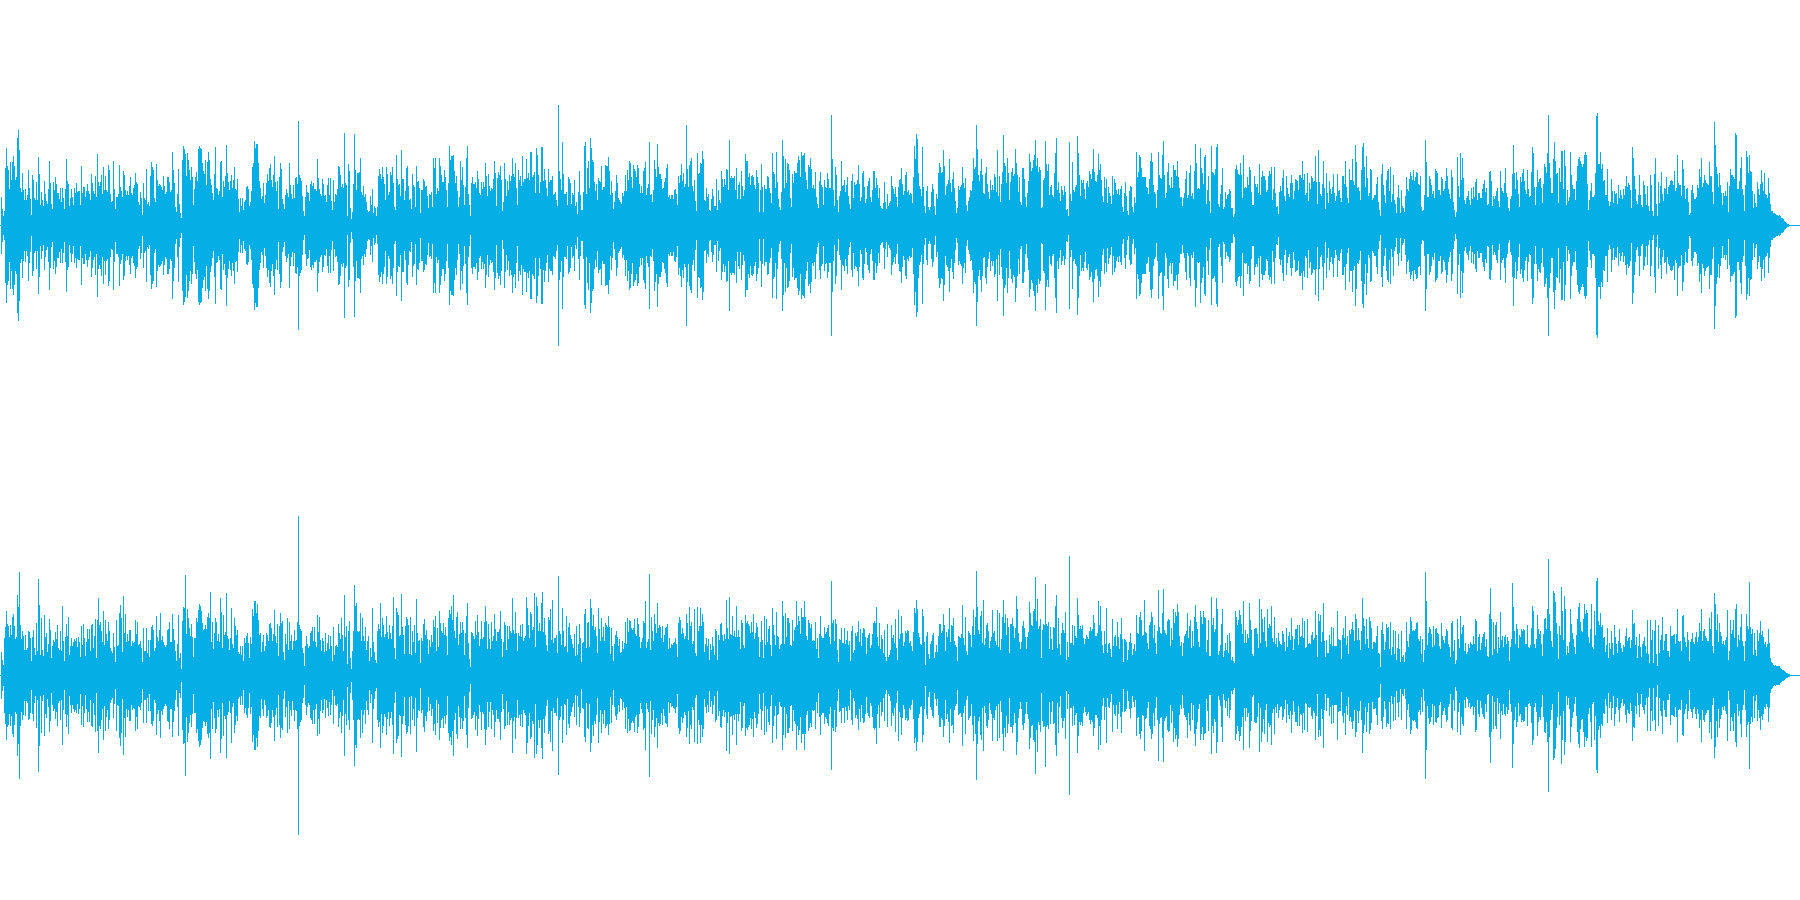 夜更けにしっとり聴きたい大人のジャズの再生済みの波形